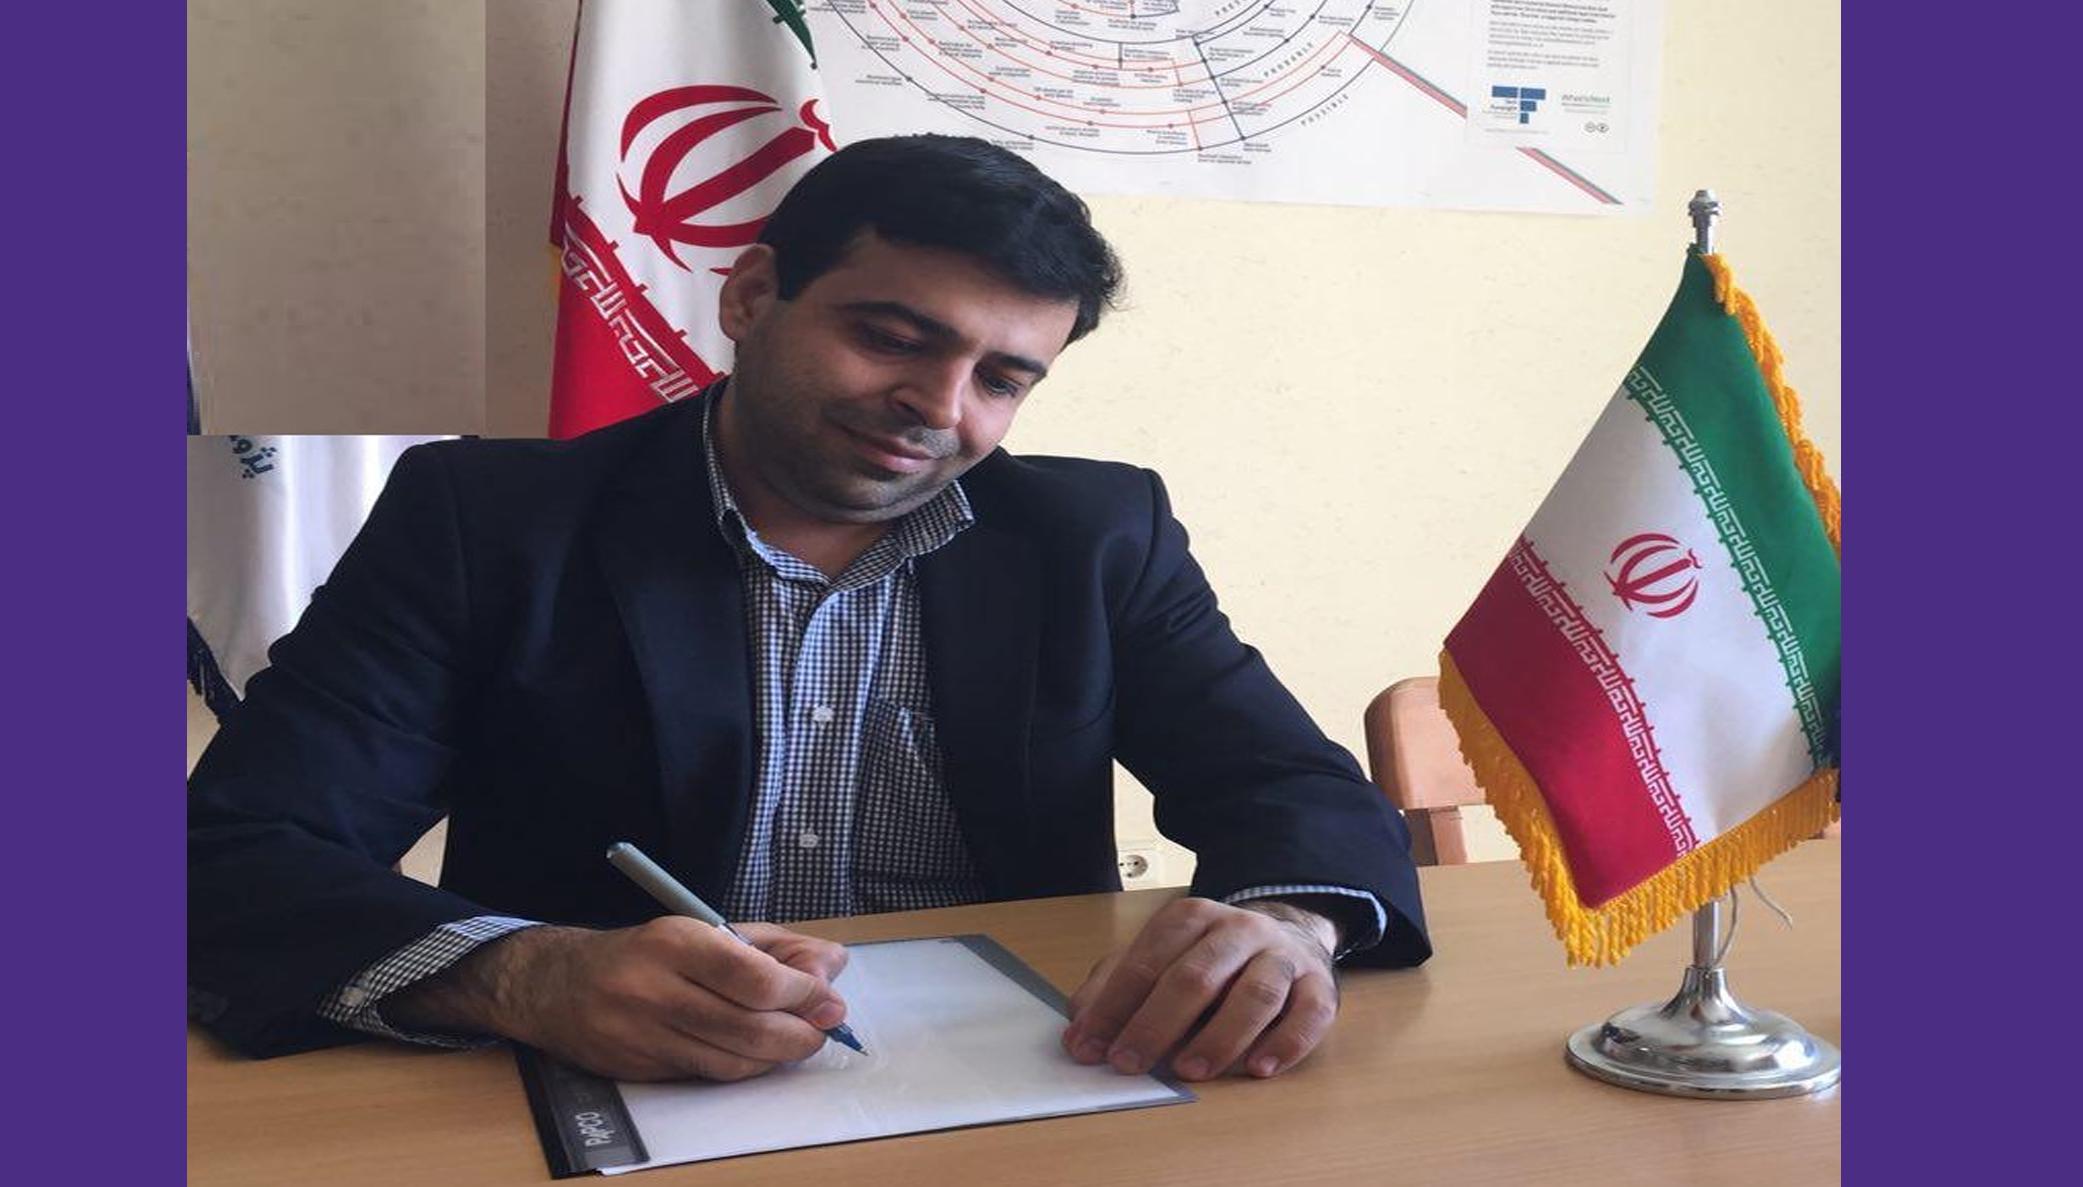 برگزاری اولین همایش آینده پژوهی صنعت آب و فاضلاب  کشور توسط انجمن آمایش سرزمین ایران